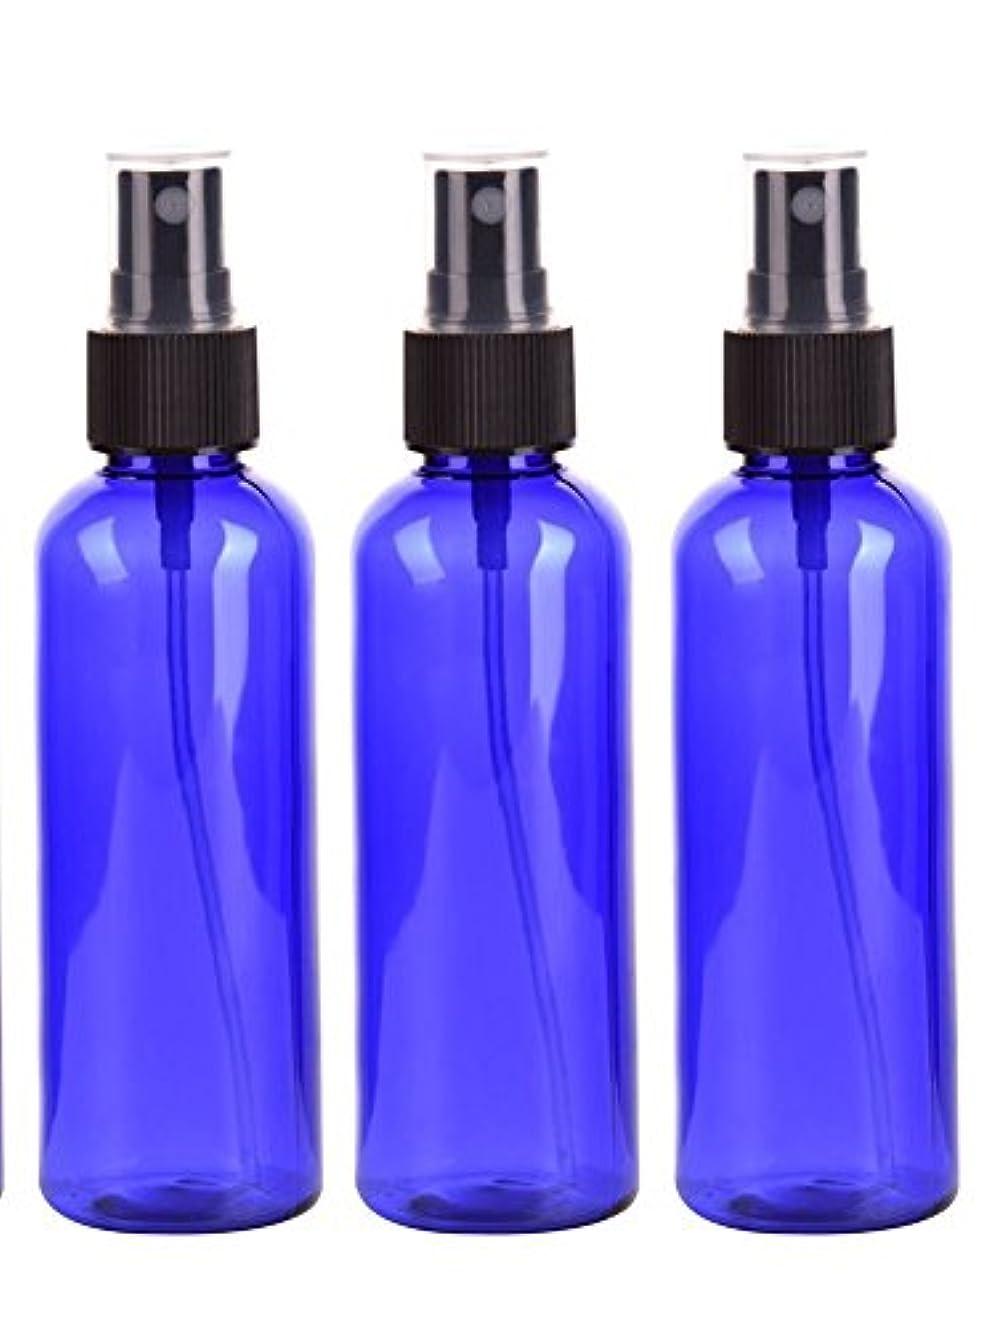 排泄する何もない危機スプレーボトル 50mL ブルー黒ヘッド プラスチック空容器 3本セット (青)